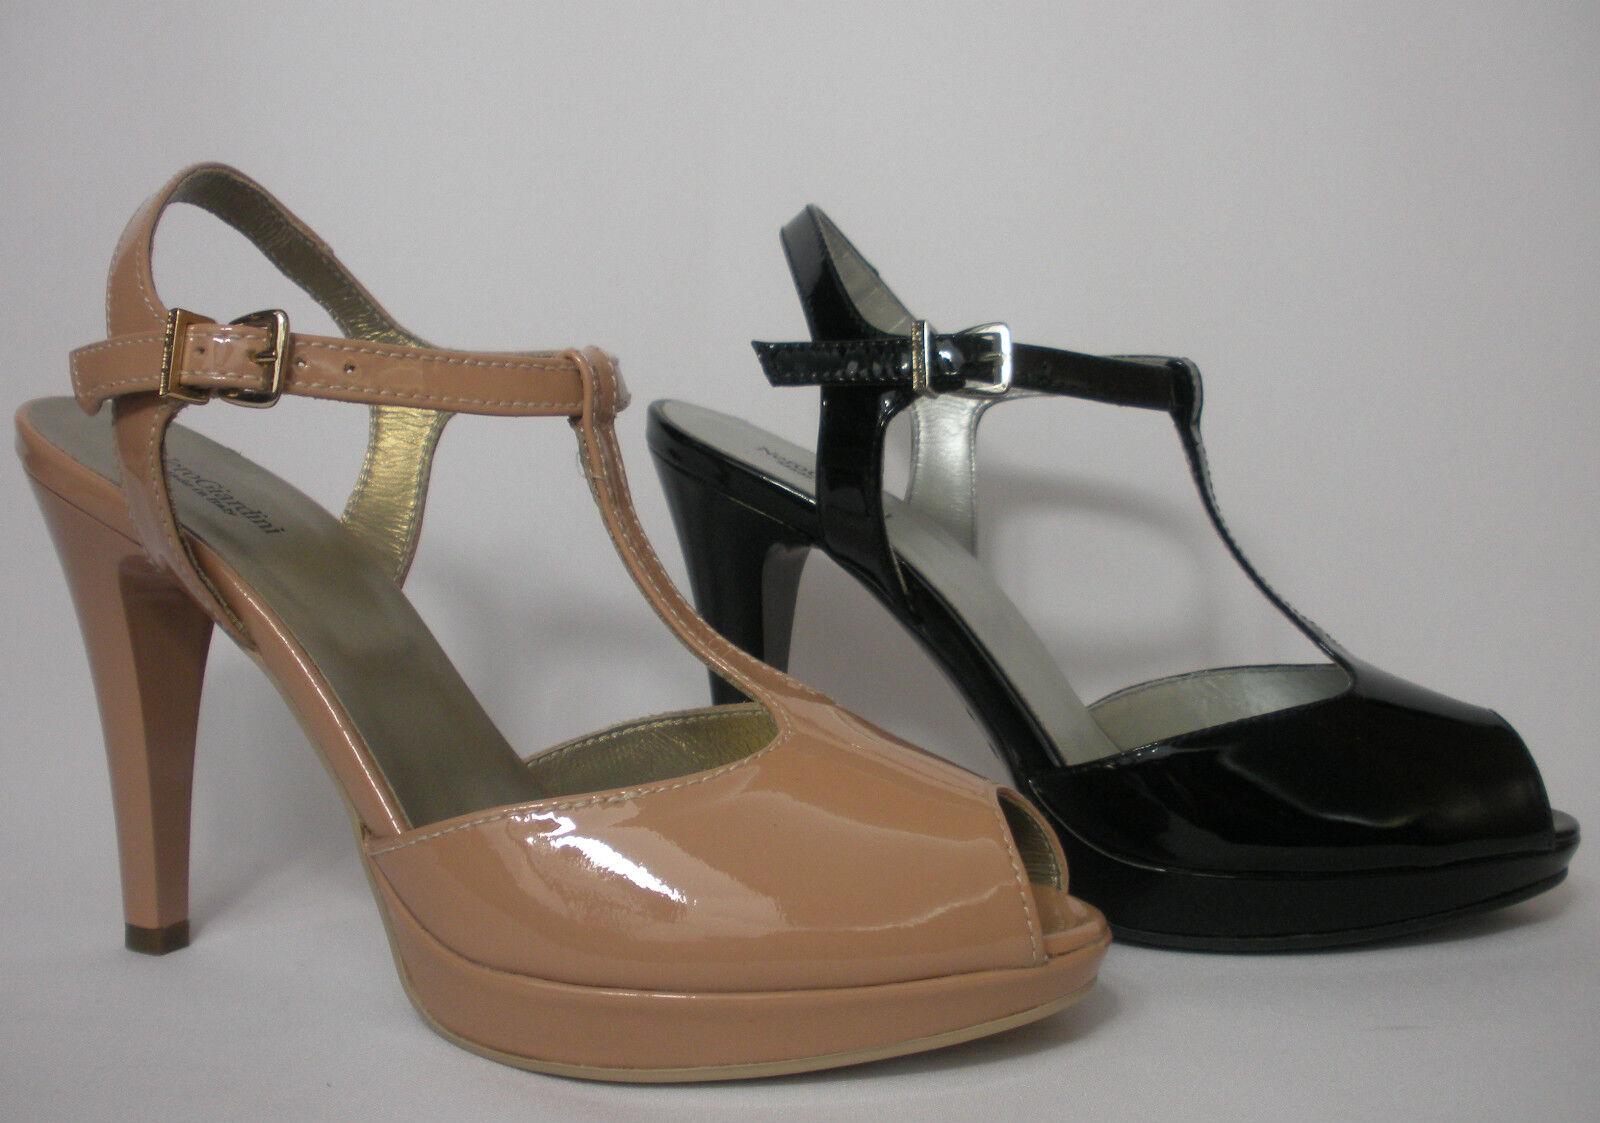 schuhe NERO GIARDINI ELEGANTI Damens P410232DE NERO E NUDO  MADE IN ITALY Schuhe